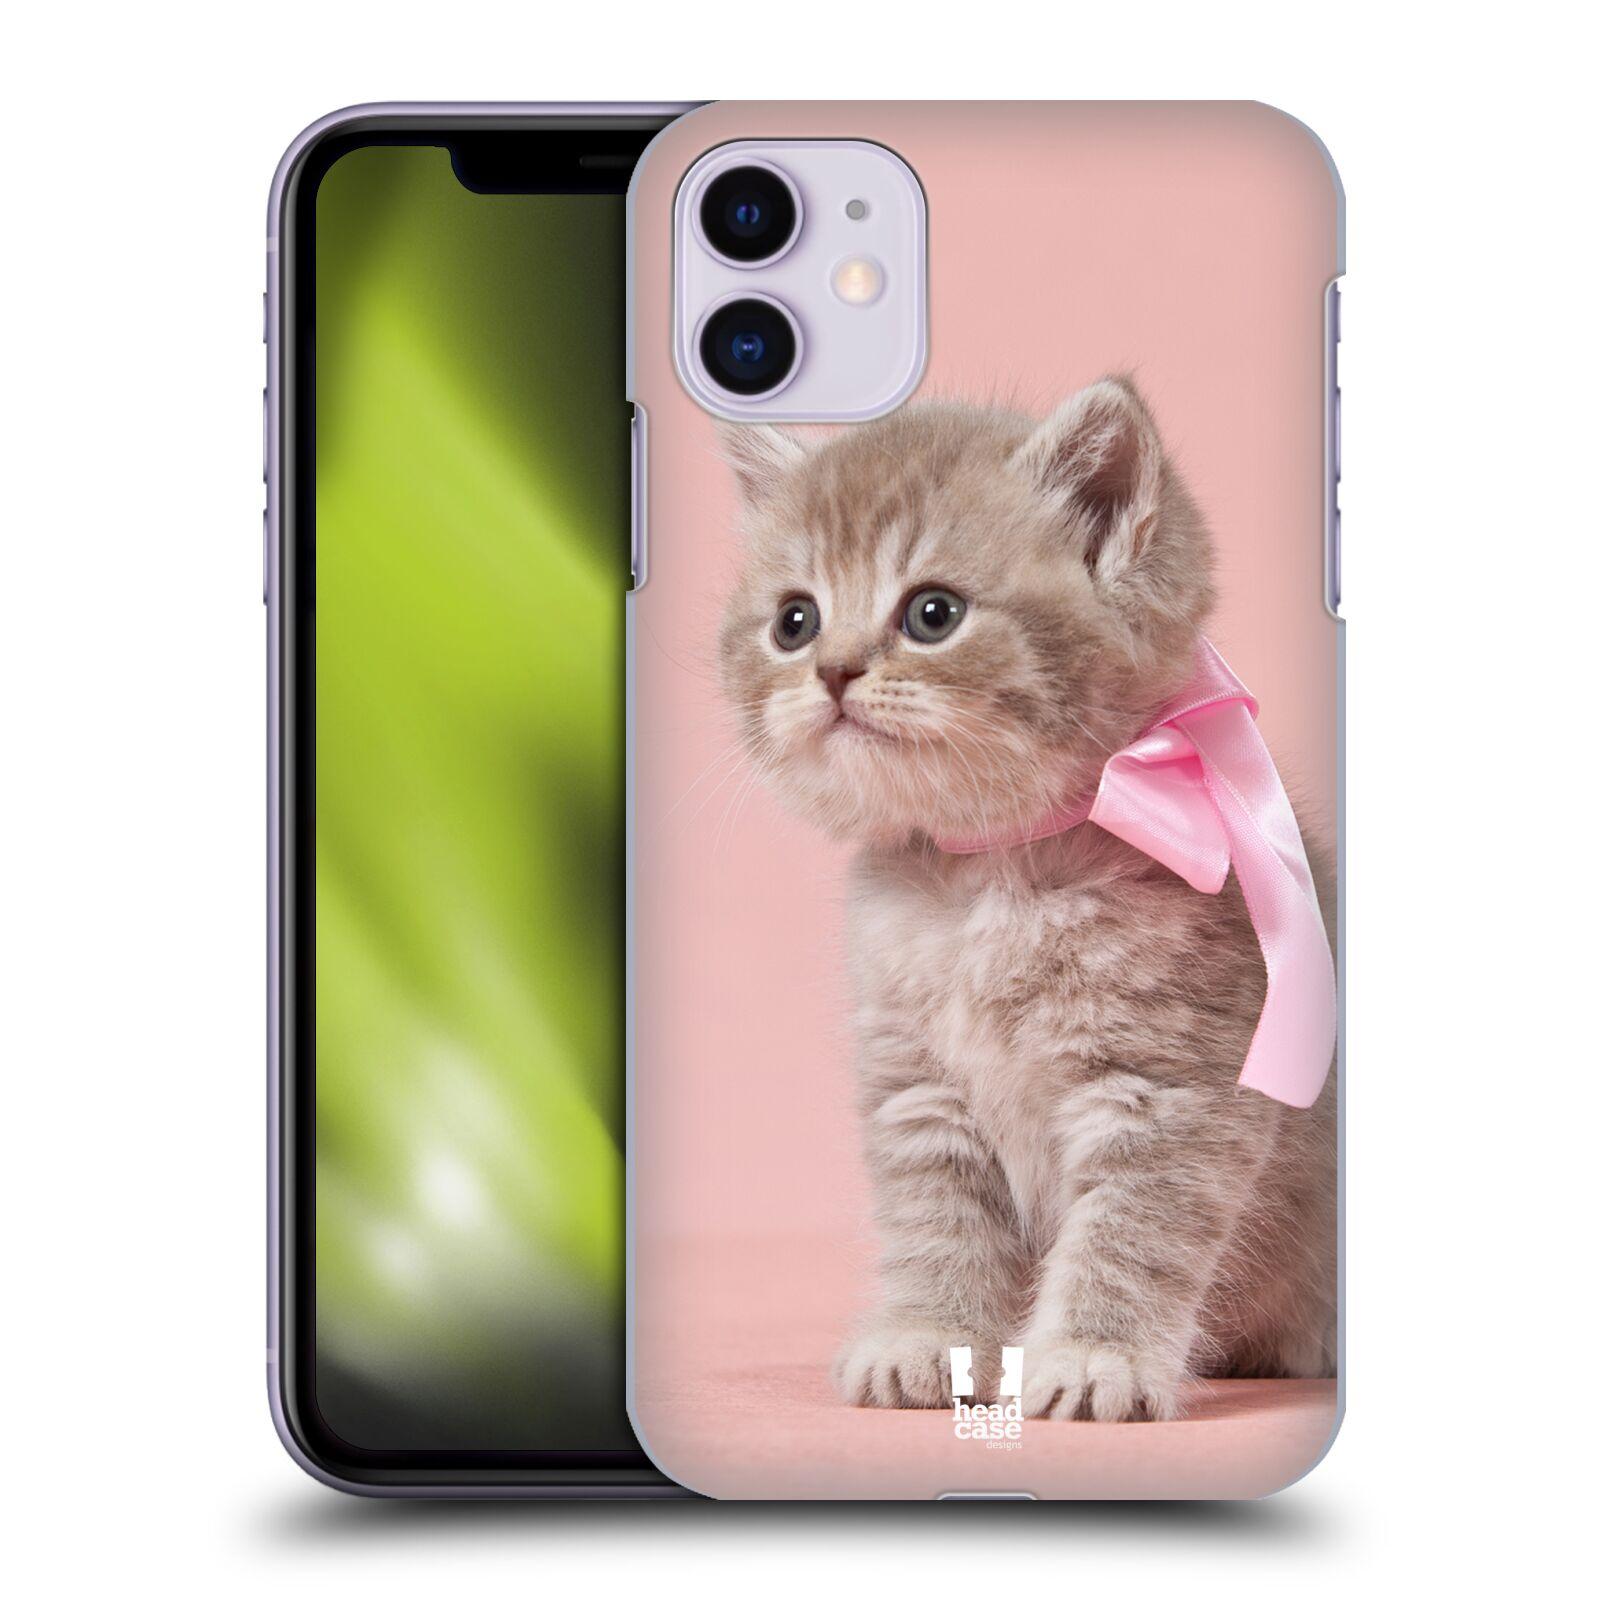 Plastové pouzdro na mobil Apple iPhone 11 - iSaprio - KOTĚ S MAŠLÍ